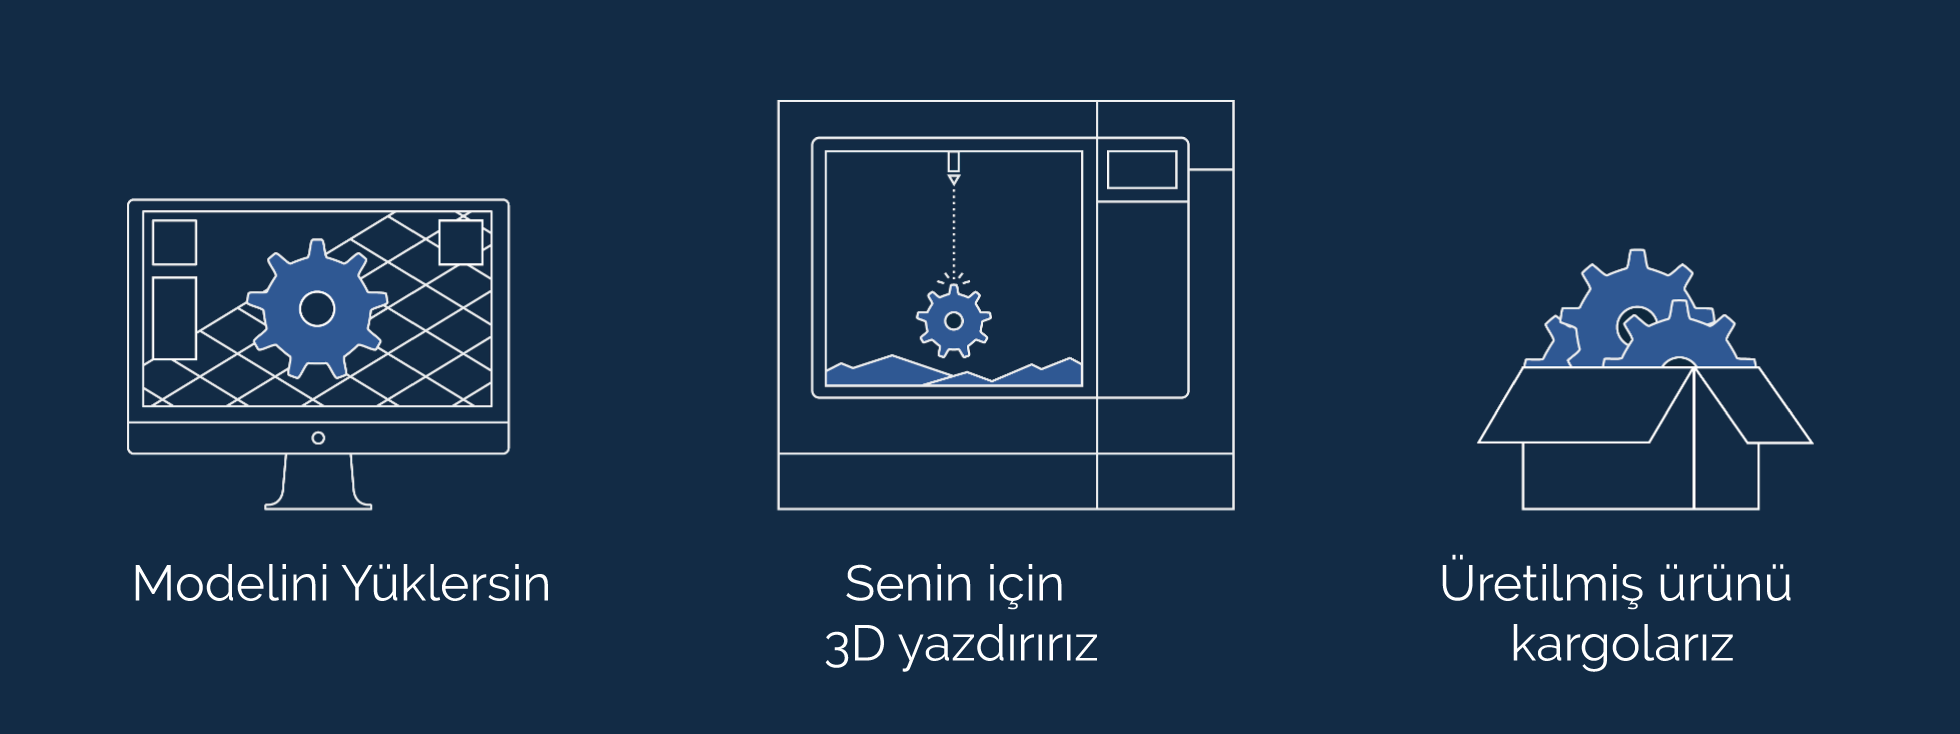 3D Baskı Çağlayan